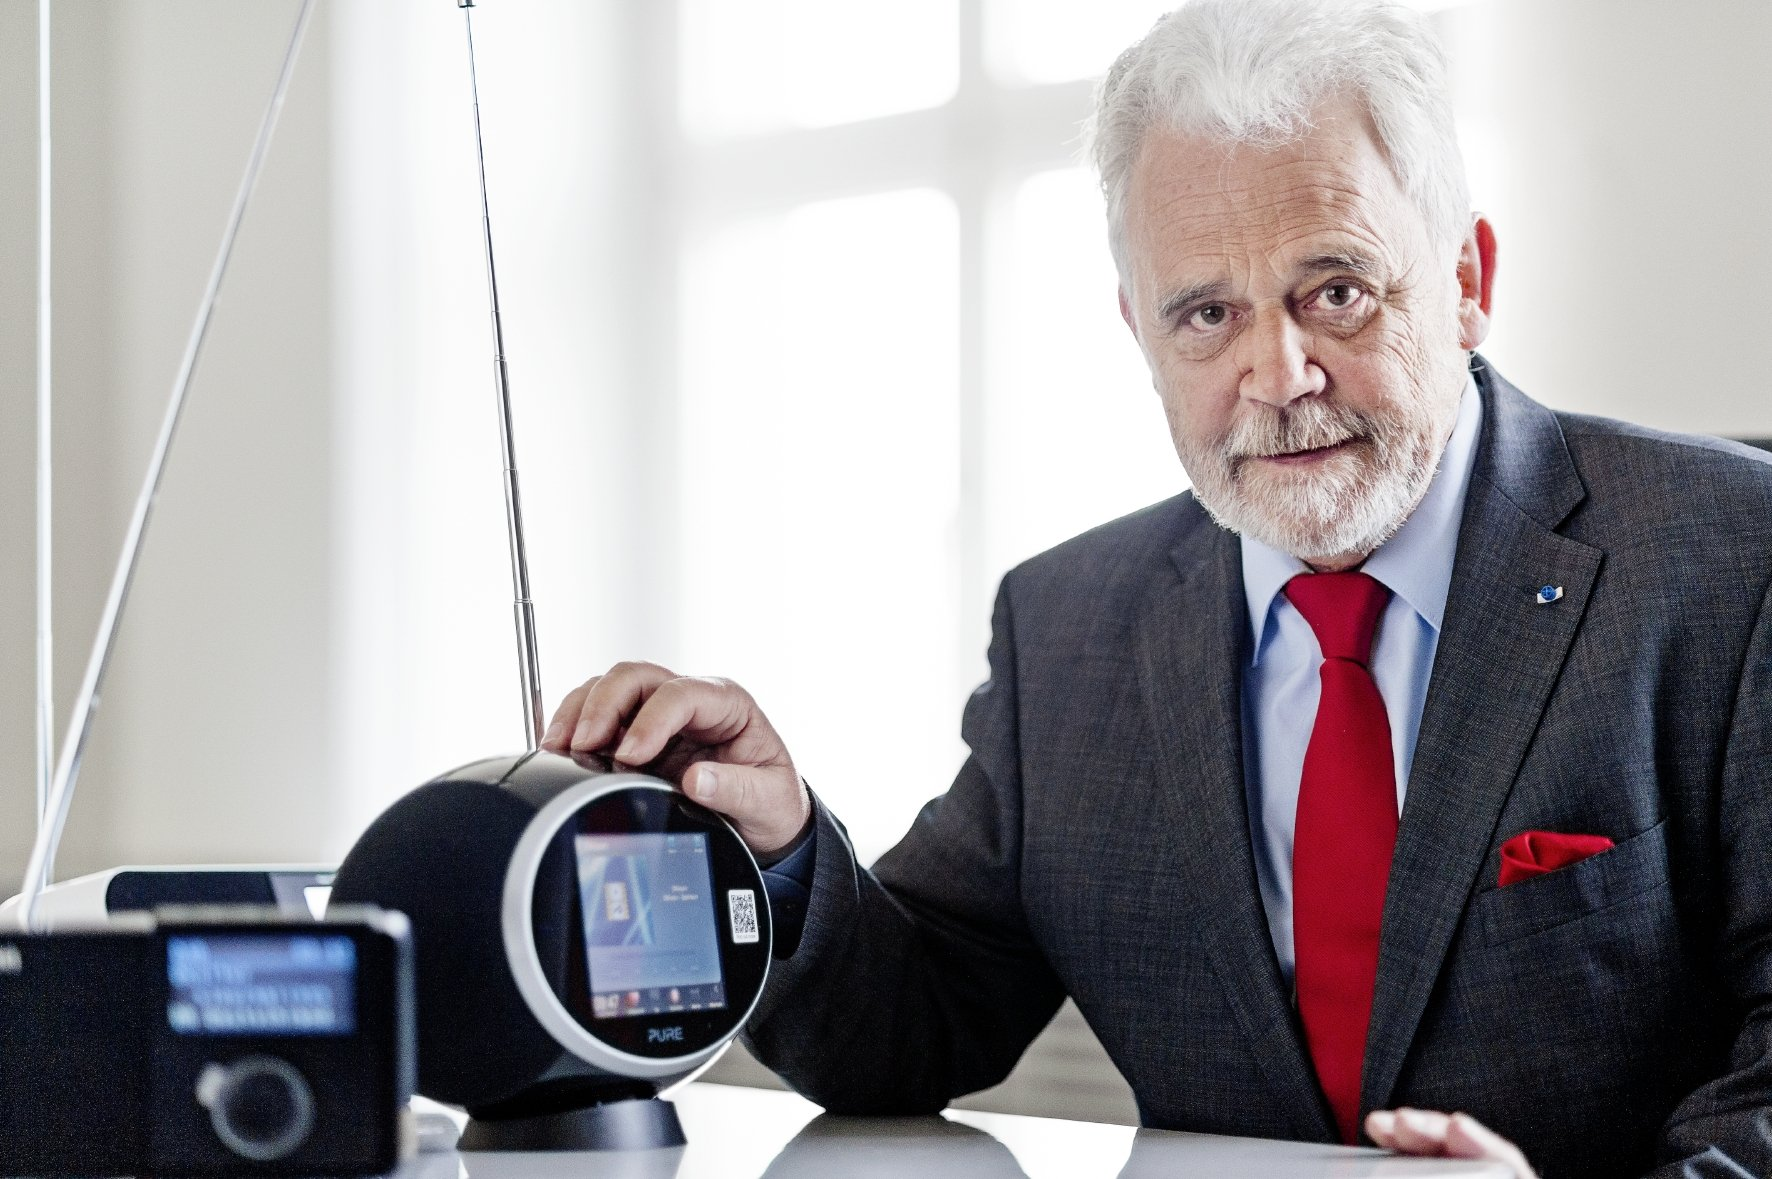 Willi Steul. Foto: Deutschlandradio / Bettina Fürst-Fastré